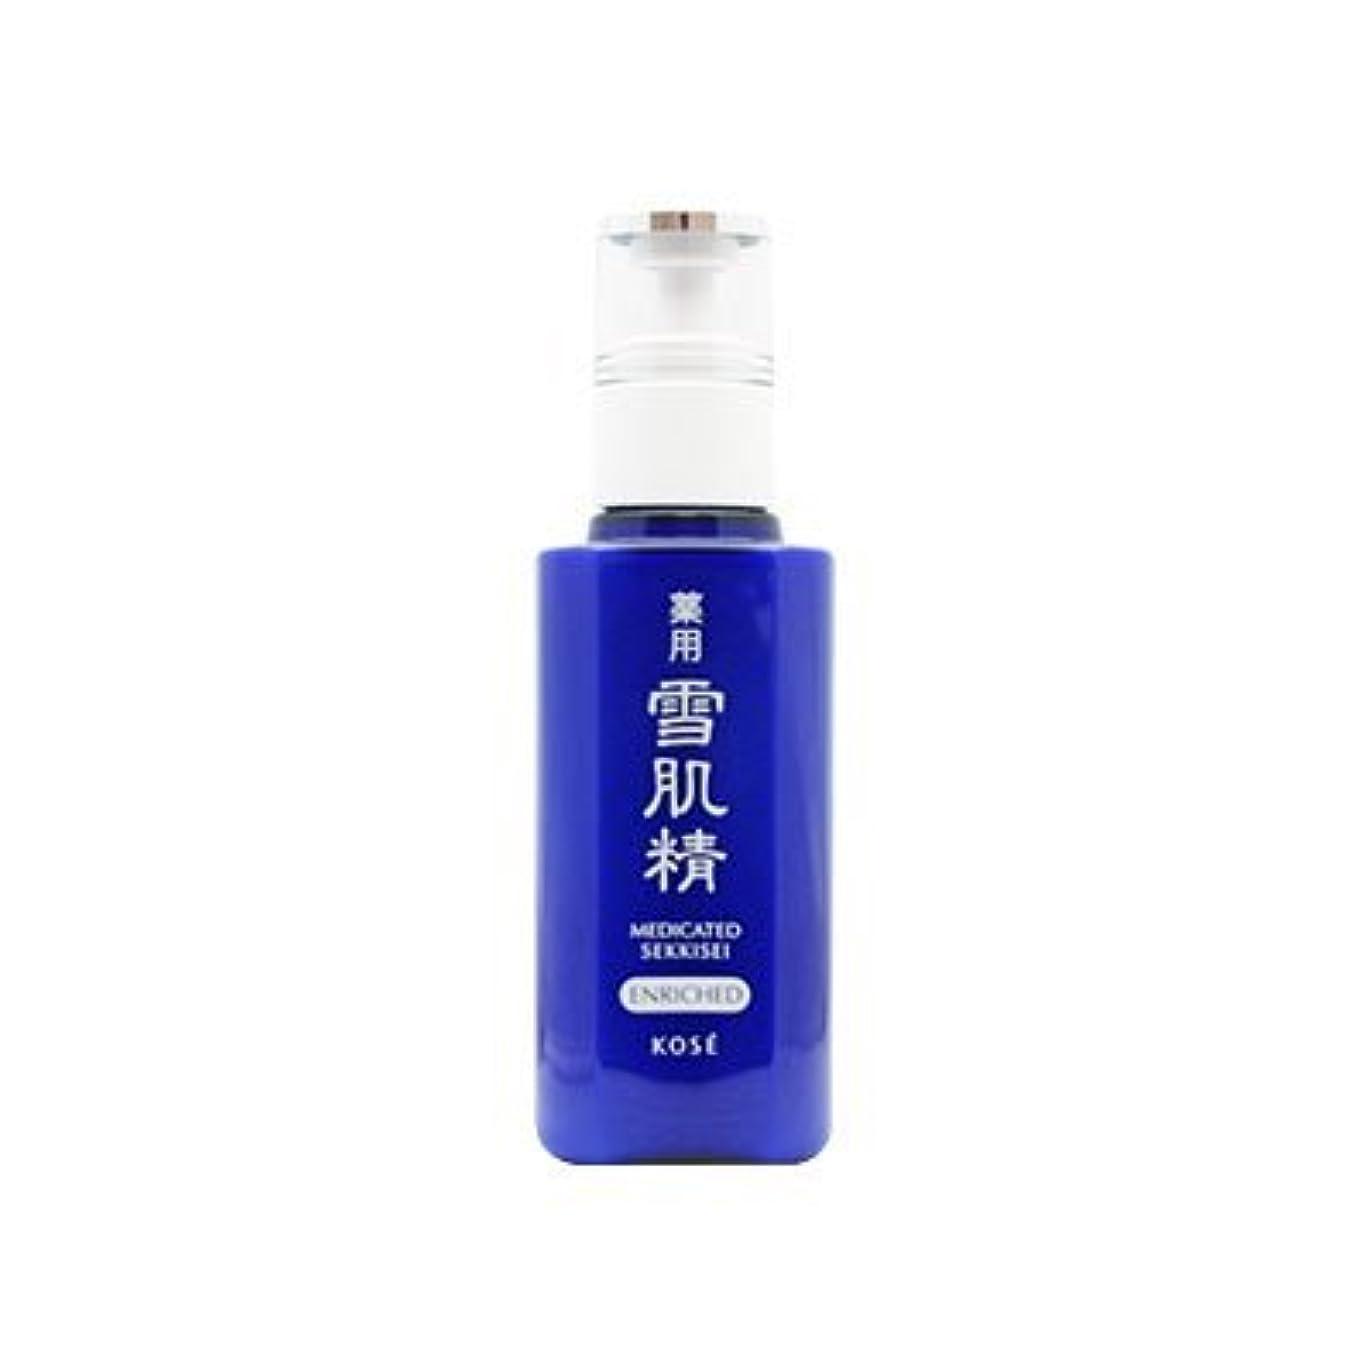 乳製品クッション羽コーセー(KOSE) 薬用 雪肌精 乳液 140ml[並行輸入品]